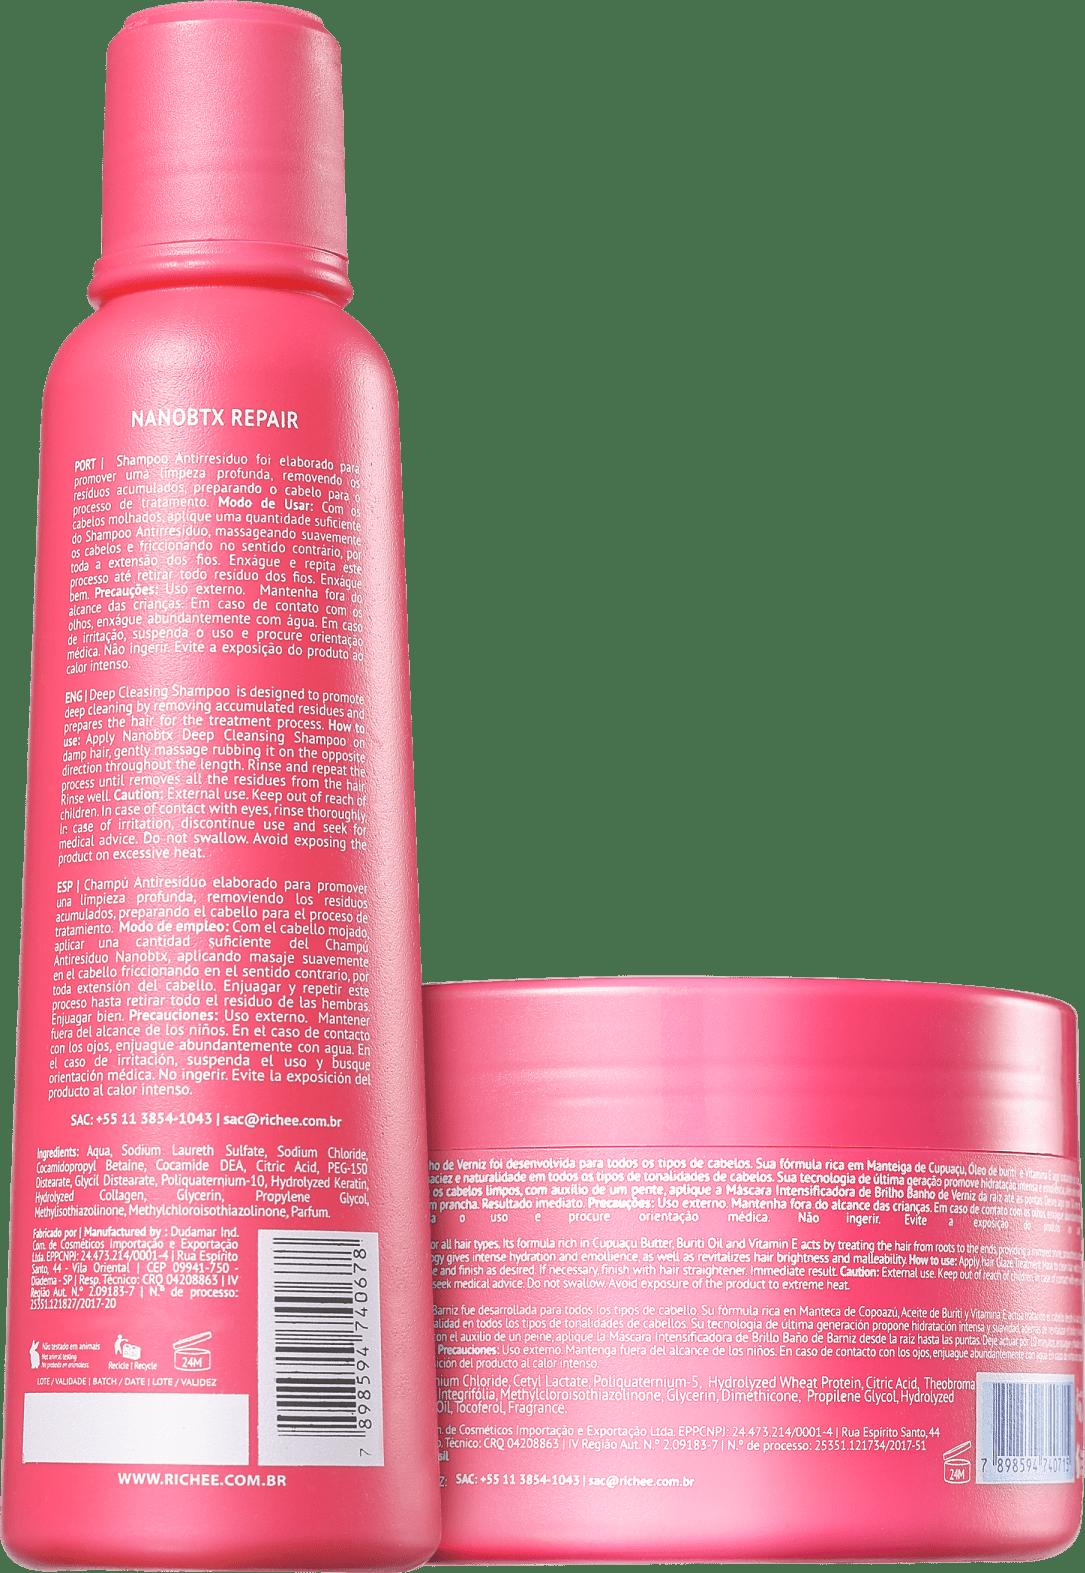 ad490295e Kit Richée Professional Nano Botox Repair Banho de Verniz (2 Produtos)